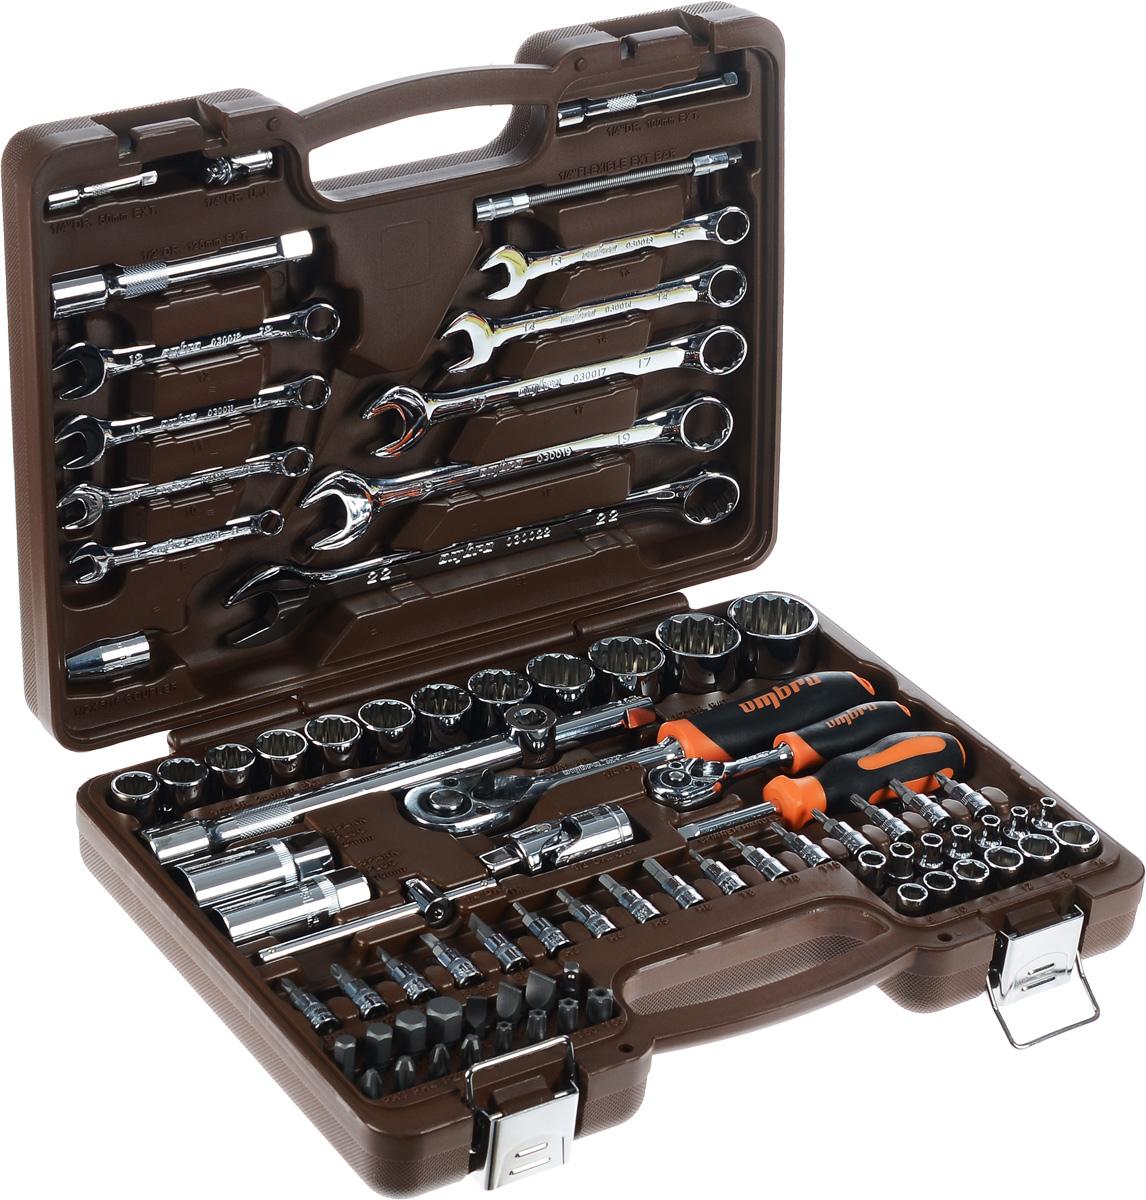 Набор инструментов Ombra, 82 предмета. OMT82SOMT82SНабор инструментов Ombra состоит из 82 предметов и предназначен для монтажа/демонтажа резьбовых соединений. Предметы набора выполнены из высококачественной стали. Инструменты соответствуют высоким стандартам качества, поэтому подойдут как для использования на бытовом уровне, так и для применения в профессиональной сфере.Состав набора:1/4:Головки шестигранные: 4 мм, 4,5 мм, 5 мм, 5,5 мм, 6 мм, 7 мм, 8 мм, 9 мм, 10 мм, 11 мм, 12 мм, 13 мм, 14 мм.Головки со вставками: H3, H4, H5, H6, T8, T10, T15, T20, T25, T30, SL4, SL5,5, SL7, PH1, PH2, PZ1, PZ2.Трещотка с быстрым сбросом.Т-образный вороток.Удлинители: 50 мм, 100 мм.Карданный шарнир.Гибкий удлинитель.Отверточная рукоятка.Адаптер для бит.1/2:Шестигранные головки: 14 мм, 15 мм, 16 мм, 17 мм, 18 мм, 19 мм, 21 мм, 22 мм, 24 мм, 27 мм, 30 мм, 32 мм.Биты 5/16, 30 мм: H8, H10, H12, H14, T40, T45, T50, T55, SL8, SL10, SL12, PH3, PH4, PZ3, PZ4.Карданный шарнир.Удлинители: 125 мм, 250 мм.Трещоточная с быстрым сбросом.Головки свечные: 16 мм, 21 мм.Держатель для бит: 1/2DR x 5/16.Адаптер трехсторонний.Комбинированные ключи: 8 мм, 10 мм, 11 мм, 12 мм, 13 мм, 14 мм, 17 мм, 19 мм, 22 мм.